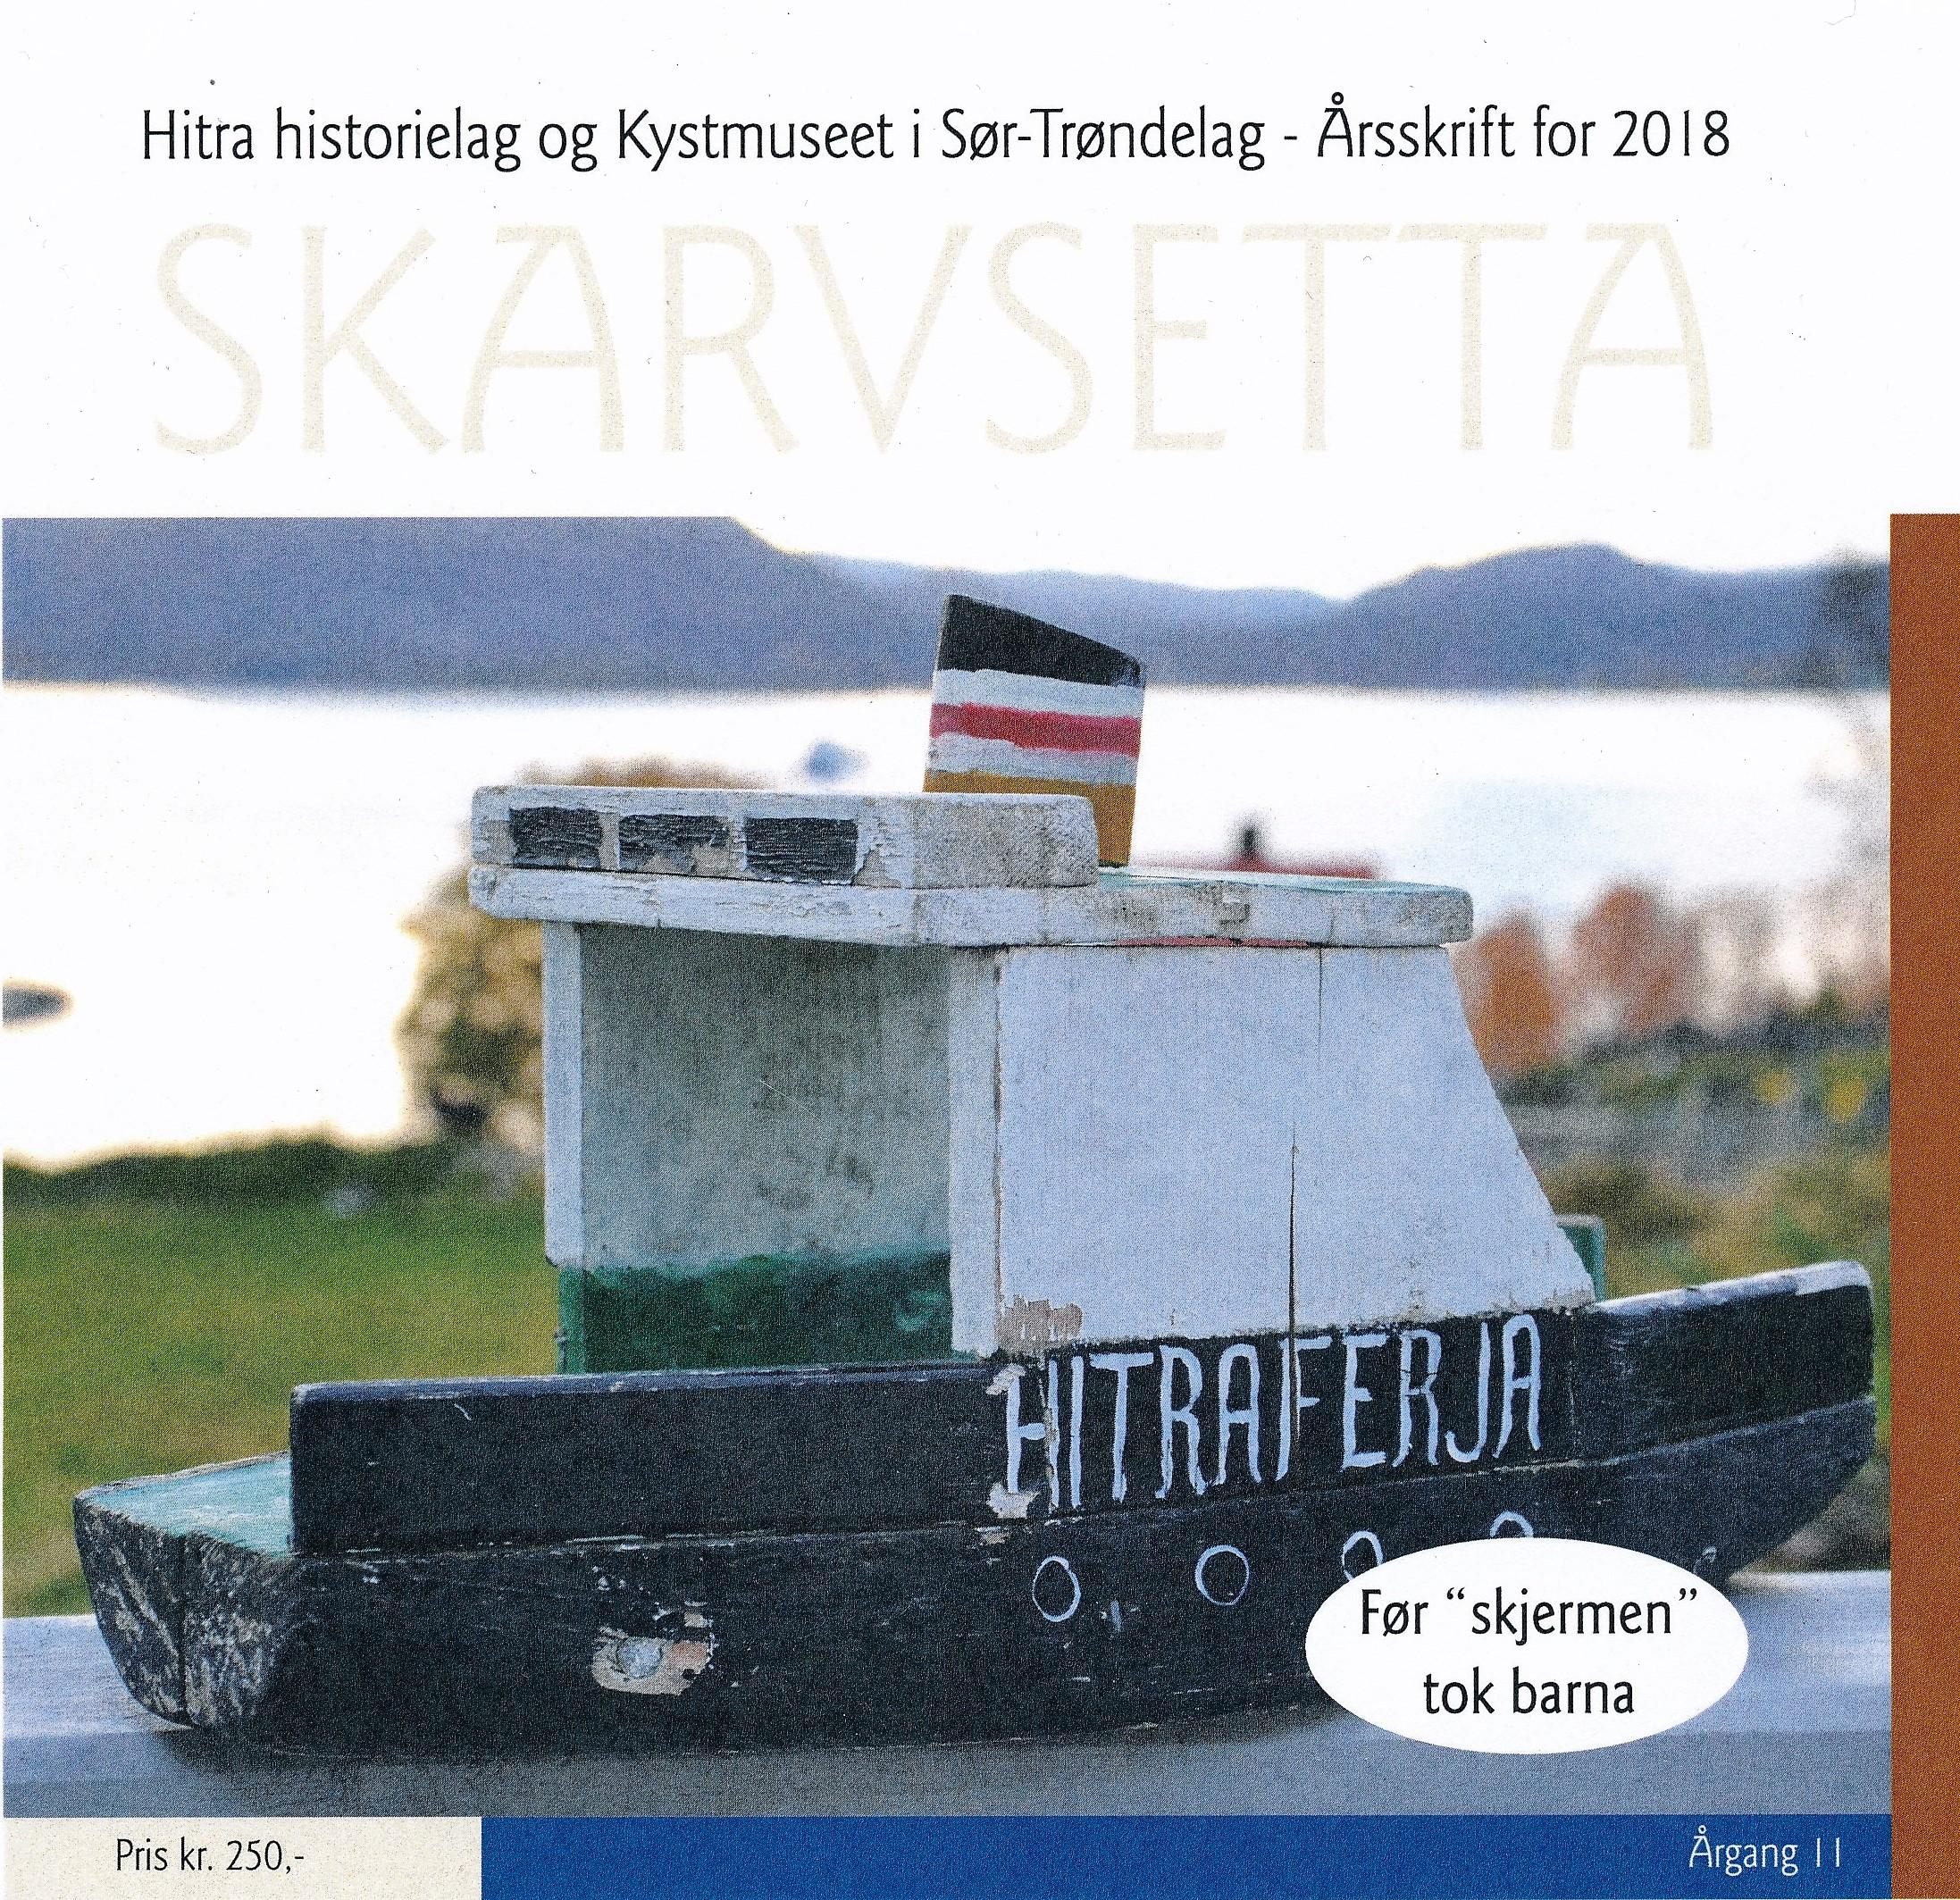 Gammel modell av Hitraferja, laget av Arnfinn Aune ca 1981, preger førstesida.